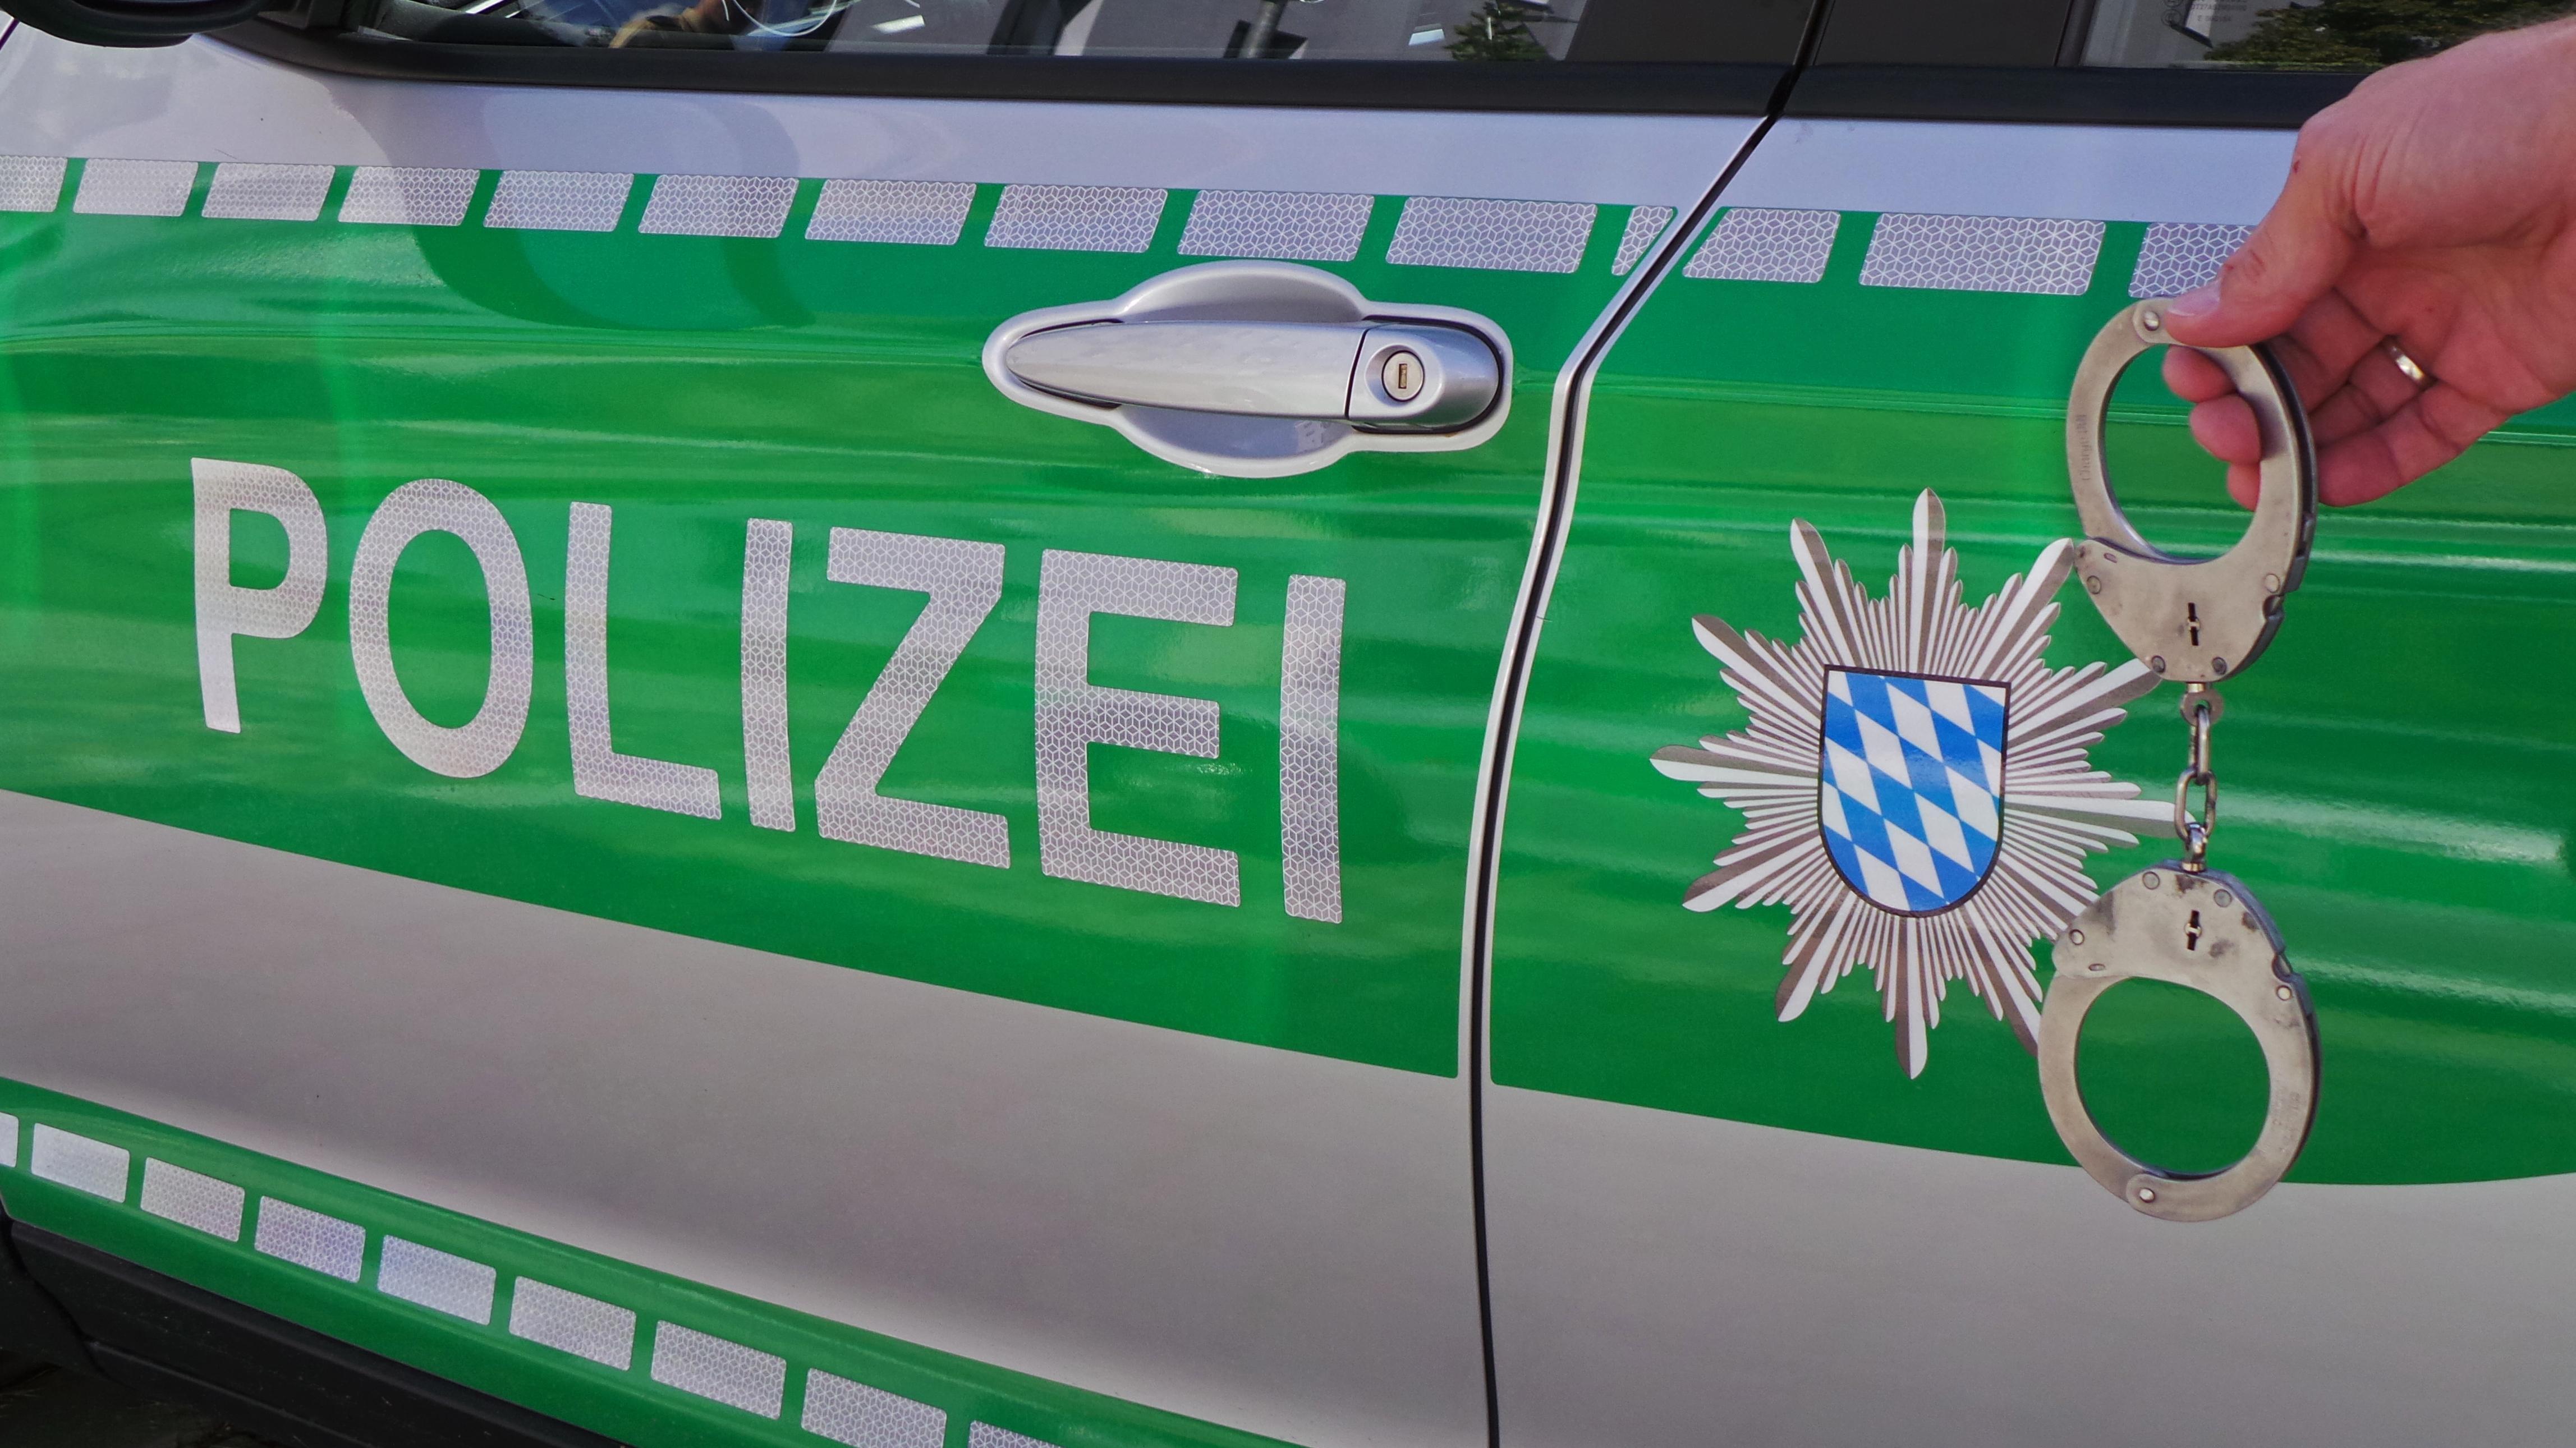 Polizeiauto seitlich mit bayerischem Wappen und Schriftzug Polizei und Handschellen, Polizei, Unfall, Verbrechen, Kriminalität.